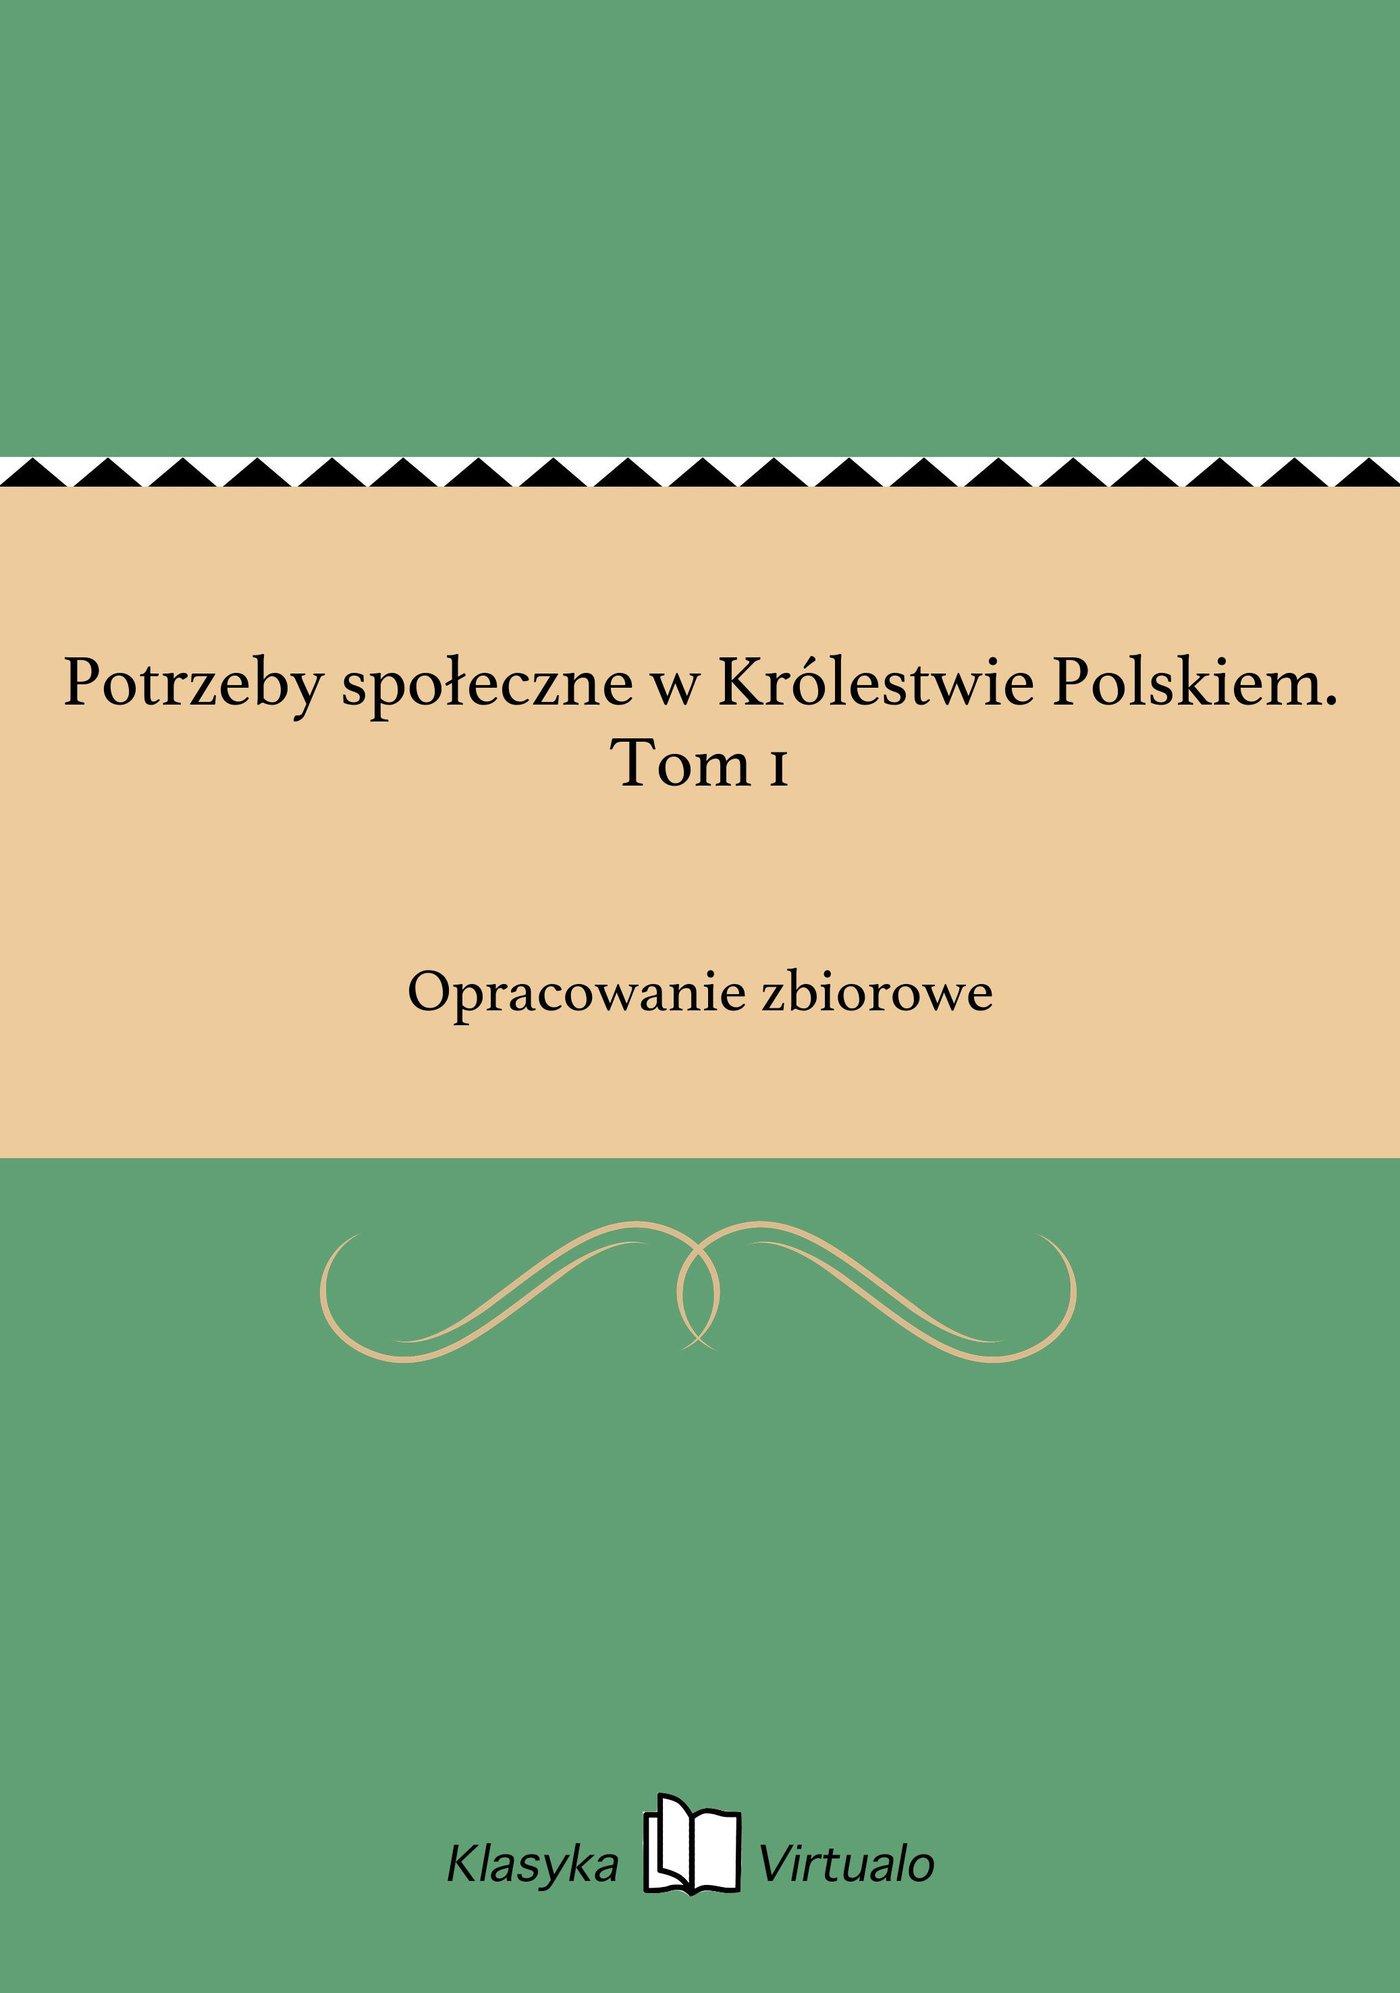 Potrzeby społeczne w Królestwie Polskiem. Tom 1 - Ebook (Książka EPUB) do pobrania w formacie EPUB